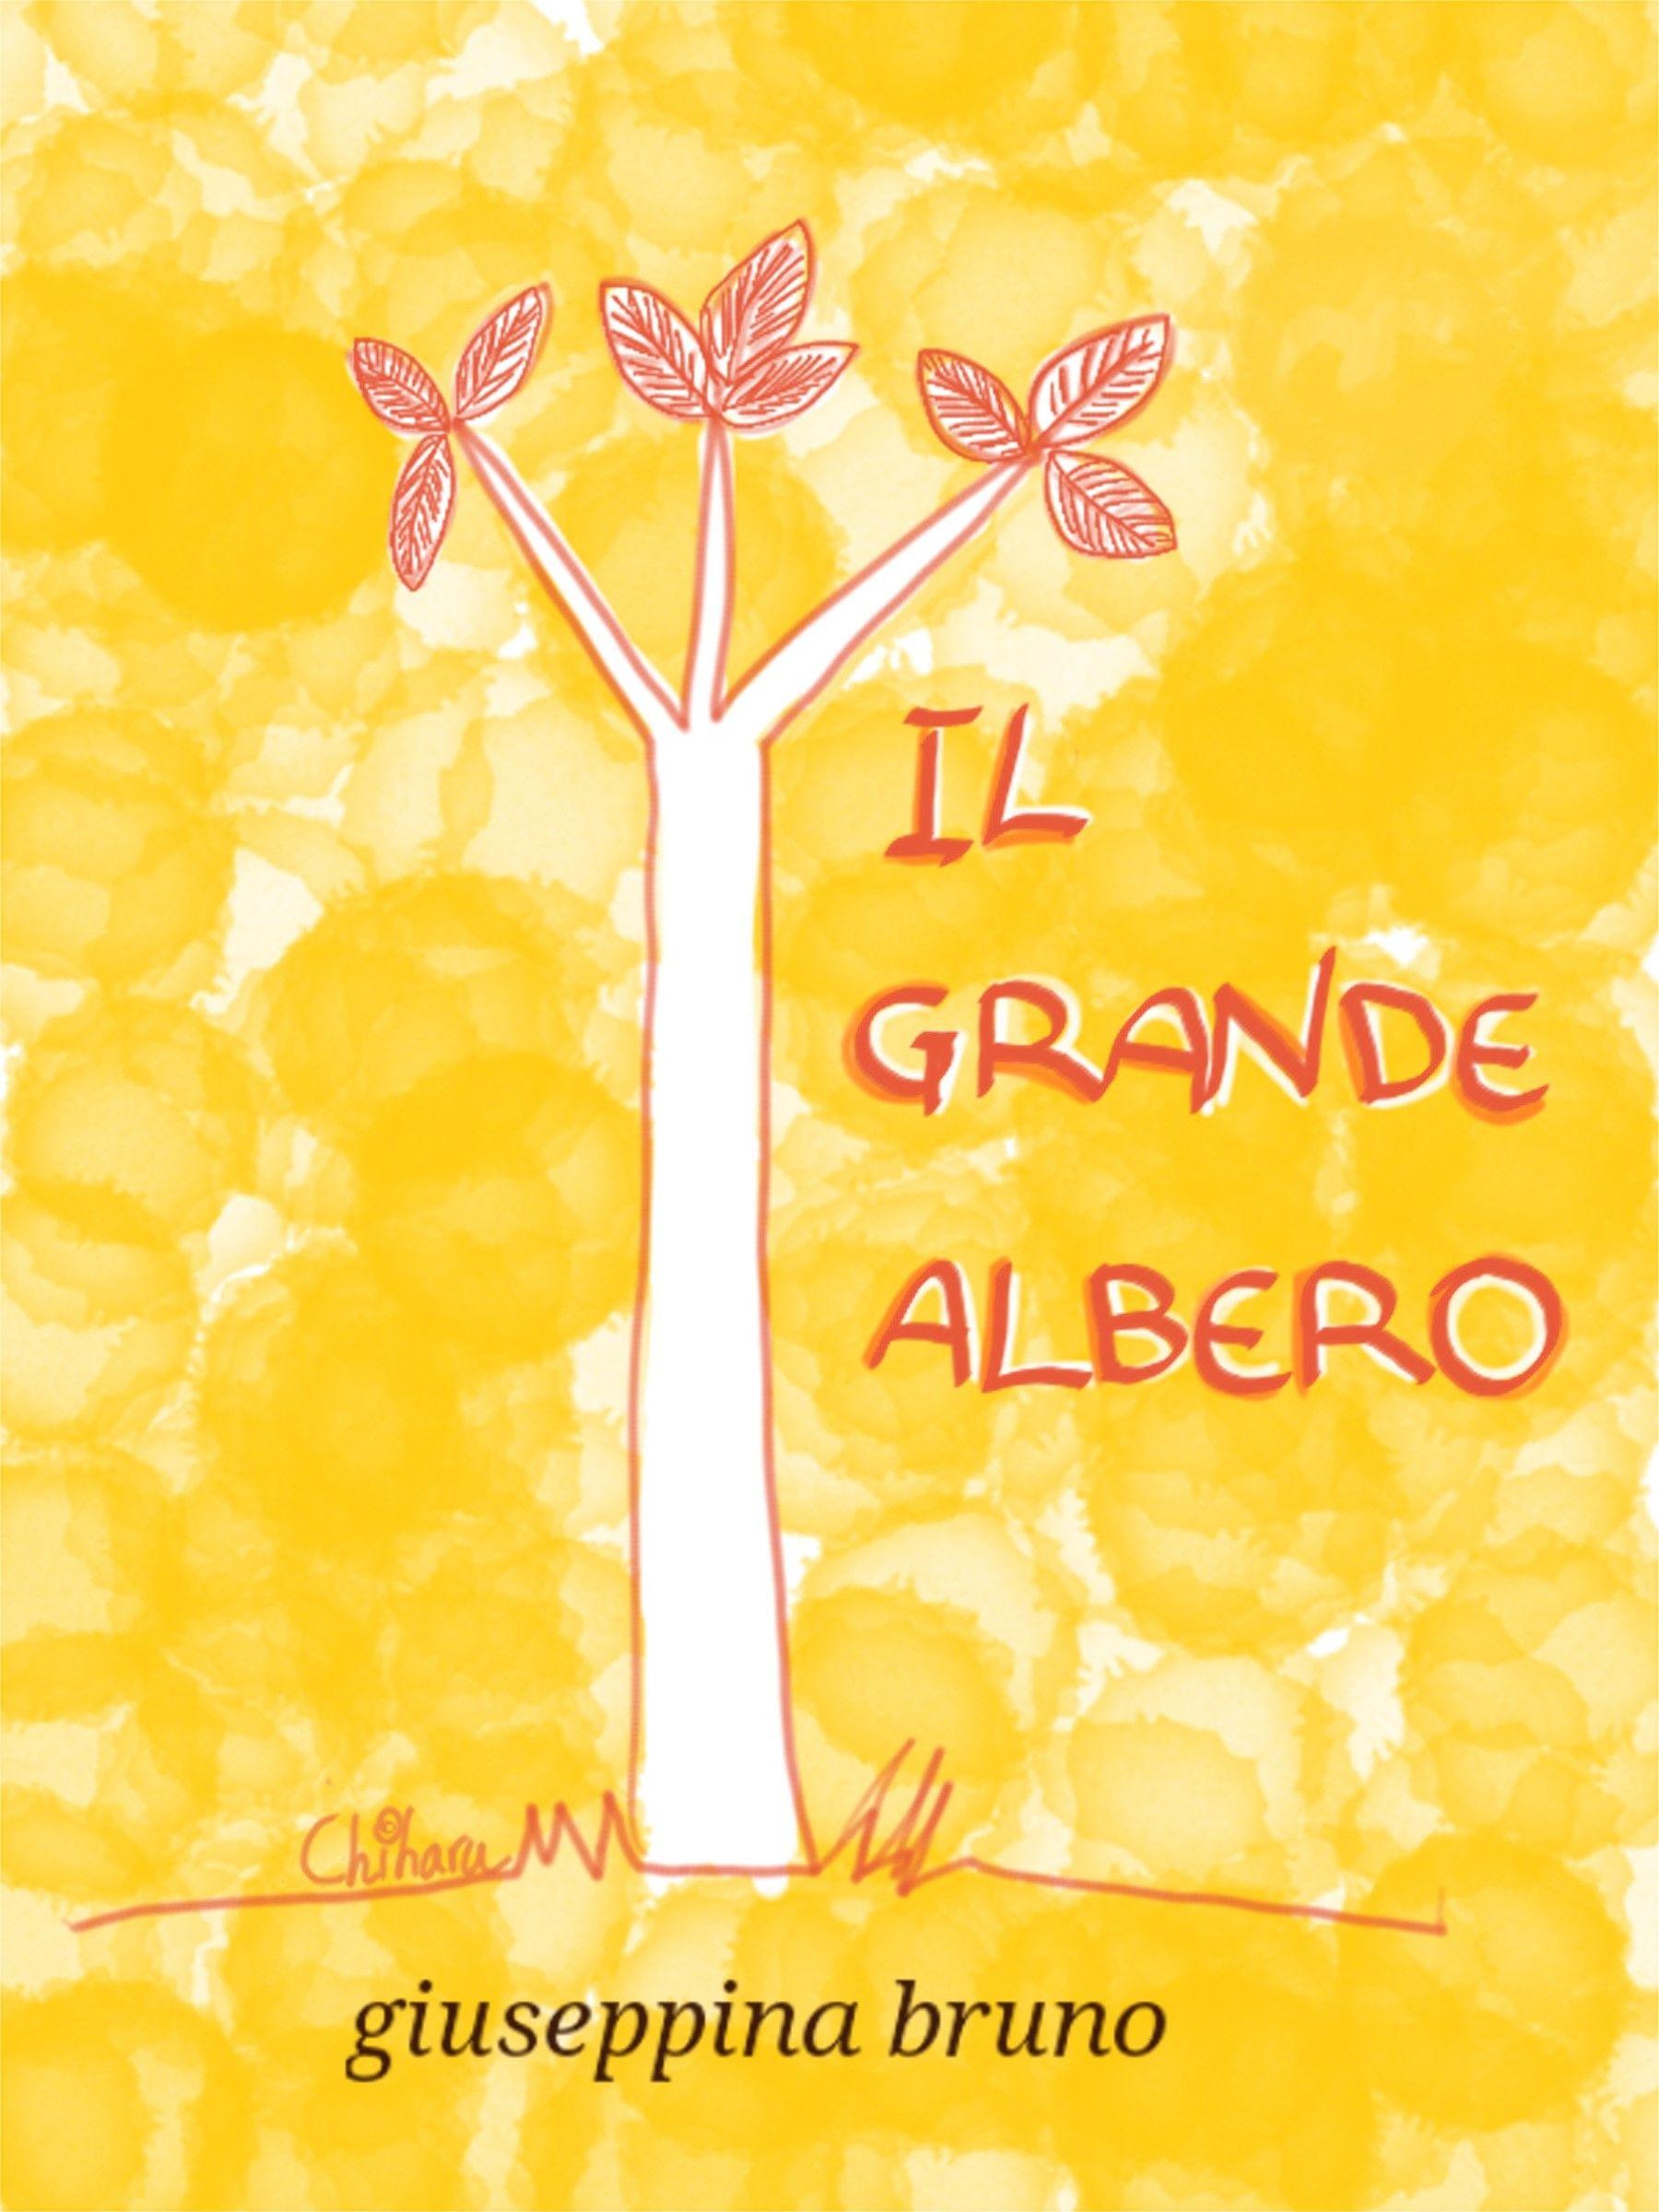 copertina http://www.astroenergia.com/libri-bambini/il-grande-albero.html